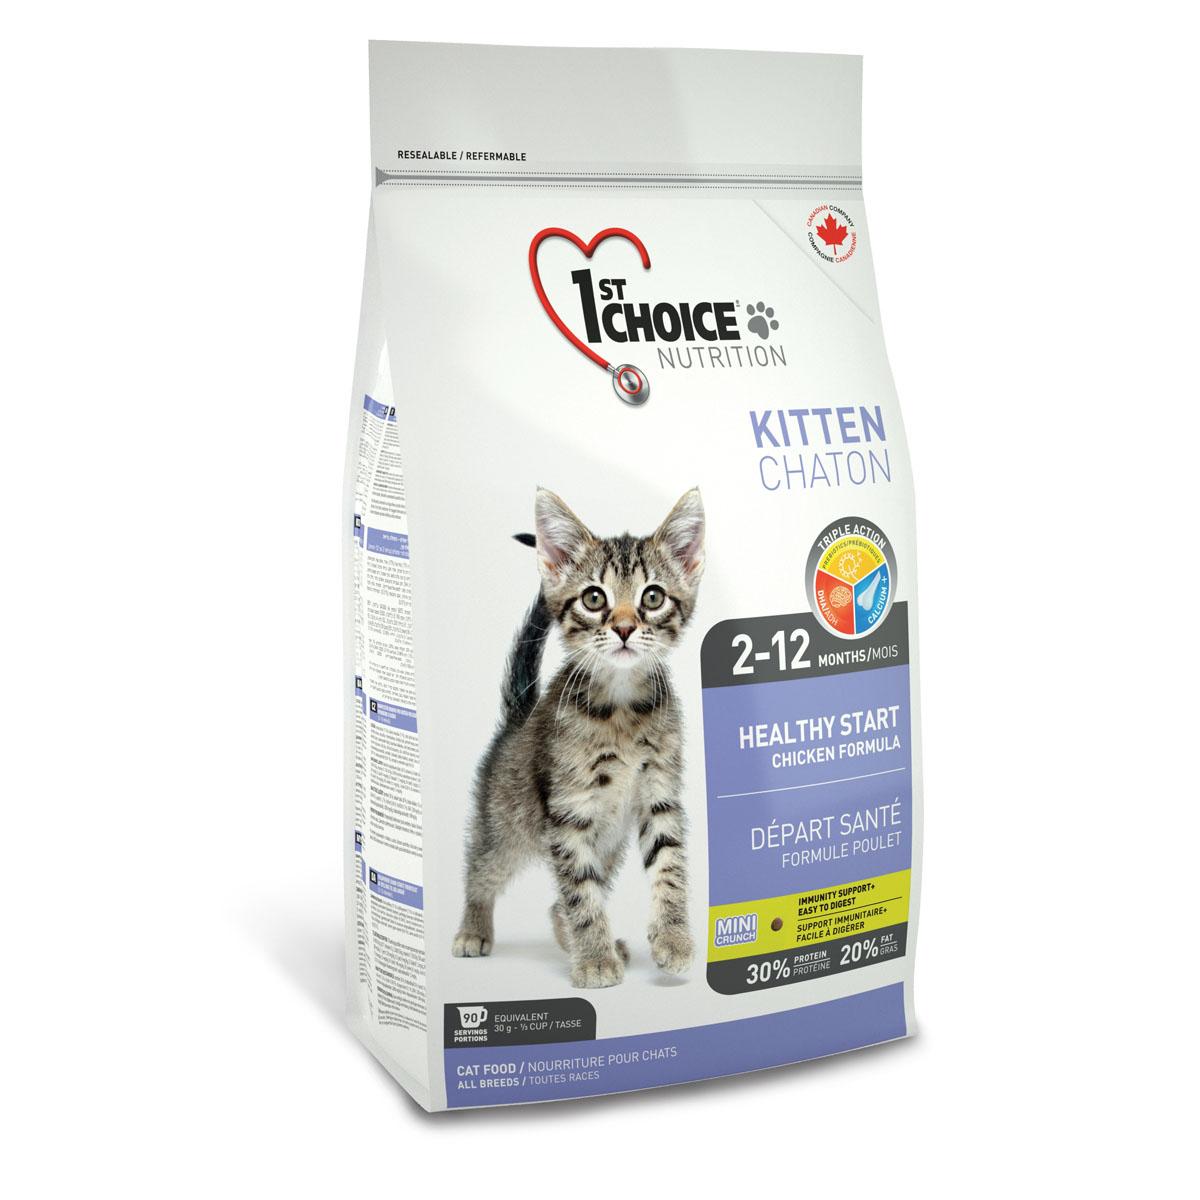 Корм сухой 1st Choice Kitten для котят, с курицей, 5,44 кг0120710Сухой корм 1st Choice Kitten - идеальная формула для начального прикорма котенка с 2 месяцев, когда он нуждается в новых источниках питания вместо материнского молока. При этом нет необходимости разделять котенка с мамой. Корм содержит все необходимое не только для растущего организма, но и для беременных и кормящих кошек. Оптимальное питание для старта в здоровую жизнь. Помогает сохранить идеальную кондицию и оптимальный вес. Идеальный рН-баланс для здоровья мочевыделительной системы. Содержит экстракт юкки Шидигера, которая связывает аммиак и уменьшает запах экскрементов.Состав: свежая курица 17%, мука из мяса курицы 17%, рис, куриный жир, сохраненный смесью натуральных токоферолов (витамин Е), гороховый протеин, сушеное яйцо, мука из американской сельди (менхаден), коричневый рис, специально обработанные ядра ячменя и овса, гидролизат куриной печени, мякоть свеклы, клетчатка гороха, цельное семя льна, жир лосося (источник DHA), сушеная мякоть томата, калия хлорид, лецитин, холина хлорид, соль, кальция пропионат, кальция карбонат, экстракт дрожжей (источник маннан-олигосахаридов), таурин, натрия бисульфат, DL-метионин, экстракт цикория (источник инулина), железа сульфат, аскорбиновая кислота (витамин С), L-лизин, цинка оксид, натрия селенит, альфа-токоферол ацетат (витамин Е), никотиновая кислота, экстракт юкки Шидигера, кальция иодат, марганца оксид, D-кальция пантотенат, тиамина мононитрат, рибофлавин, пиридоксина гидрохлорид, витамин А, холекальциферол (витамин Д3), цинка протеинат, биотин, сушеная мята 0,01%, сушеная петрушка 0,01%, экстракт зеленого чая 0,01%, марганца протеинат, витамин В12, кобальта карбонат, фолиевая кислота, меди протеинат. Гарантированный анализ: сырой протеин мин. 30%, сырой жир мин.20%, сырая клетчатка макс. 3,5%, влага макс. 10%, зола макс. 9%, кальций мин. 1,1%, фосфор мин. 0,9%, марганец макс. 0,1%, таурин 2300 мг/кг, витамин А мин. 34 000 МЕ/кг, витамин Д3 мин. 2 000 